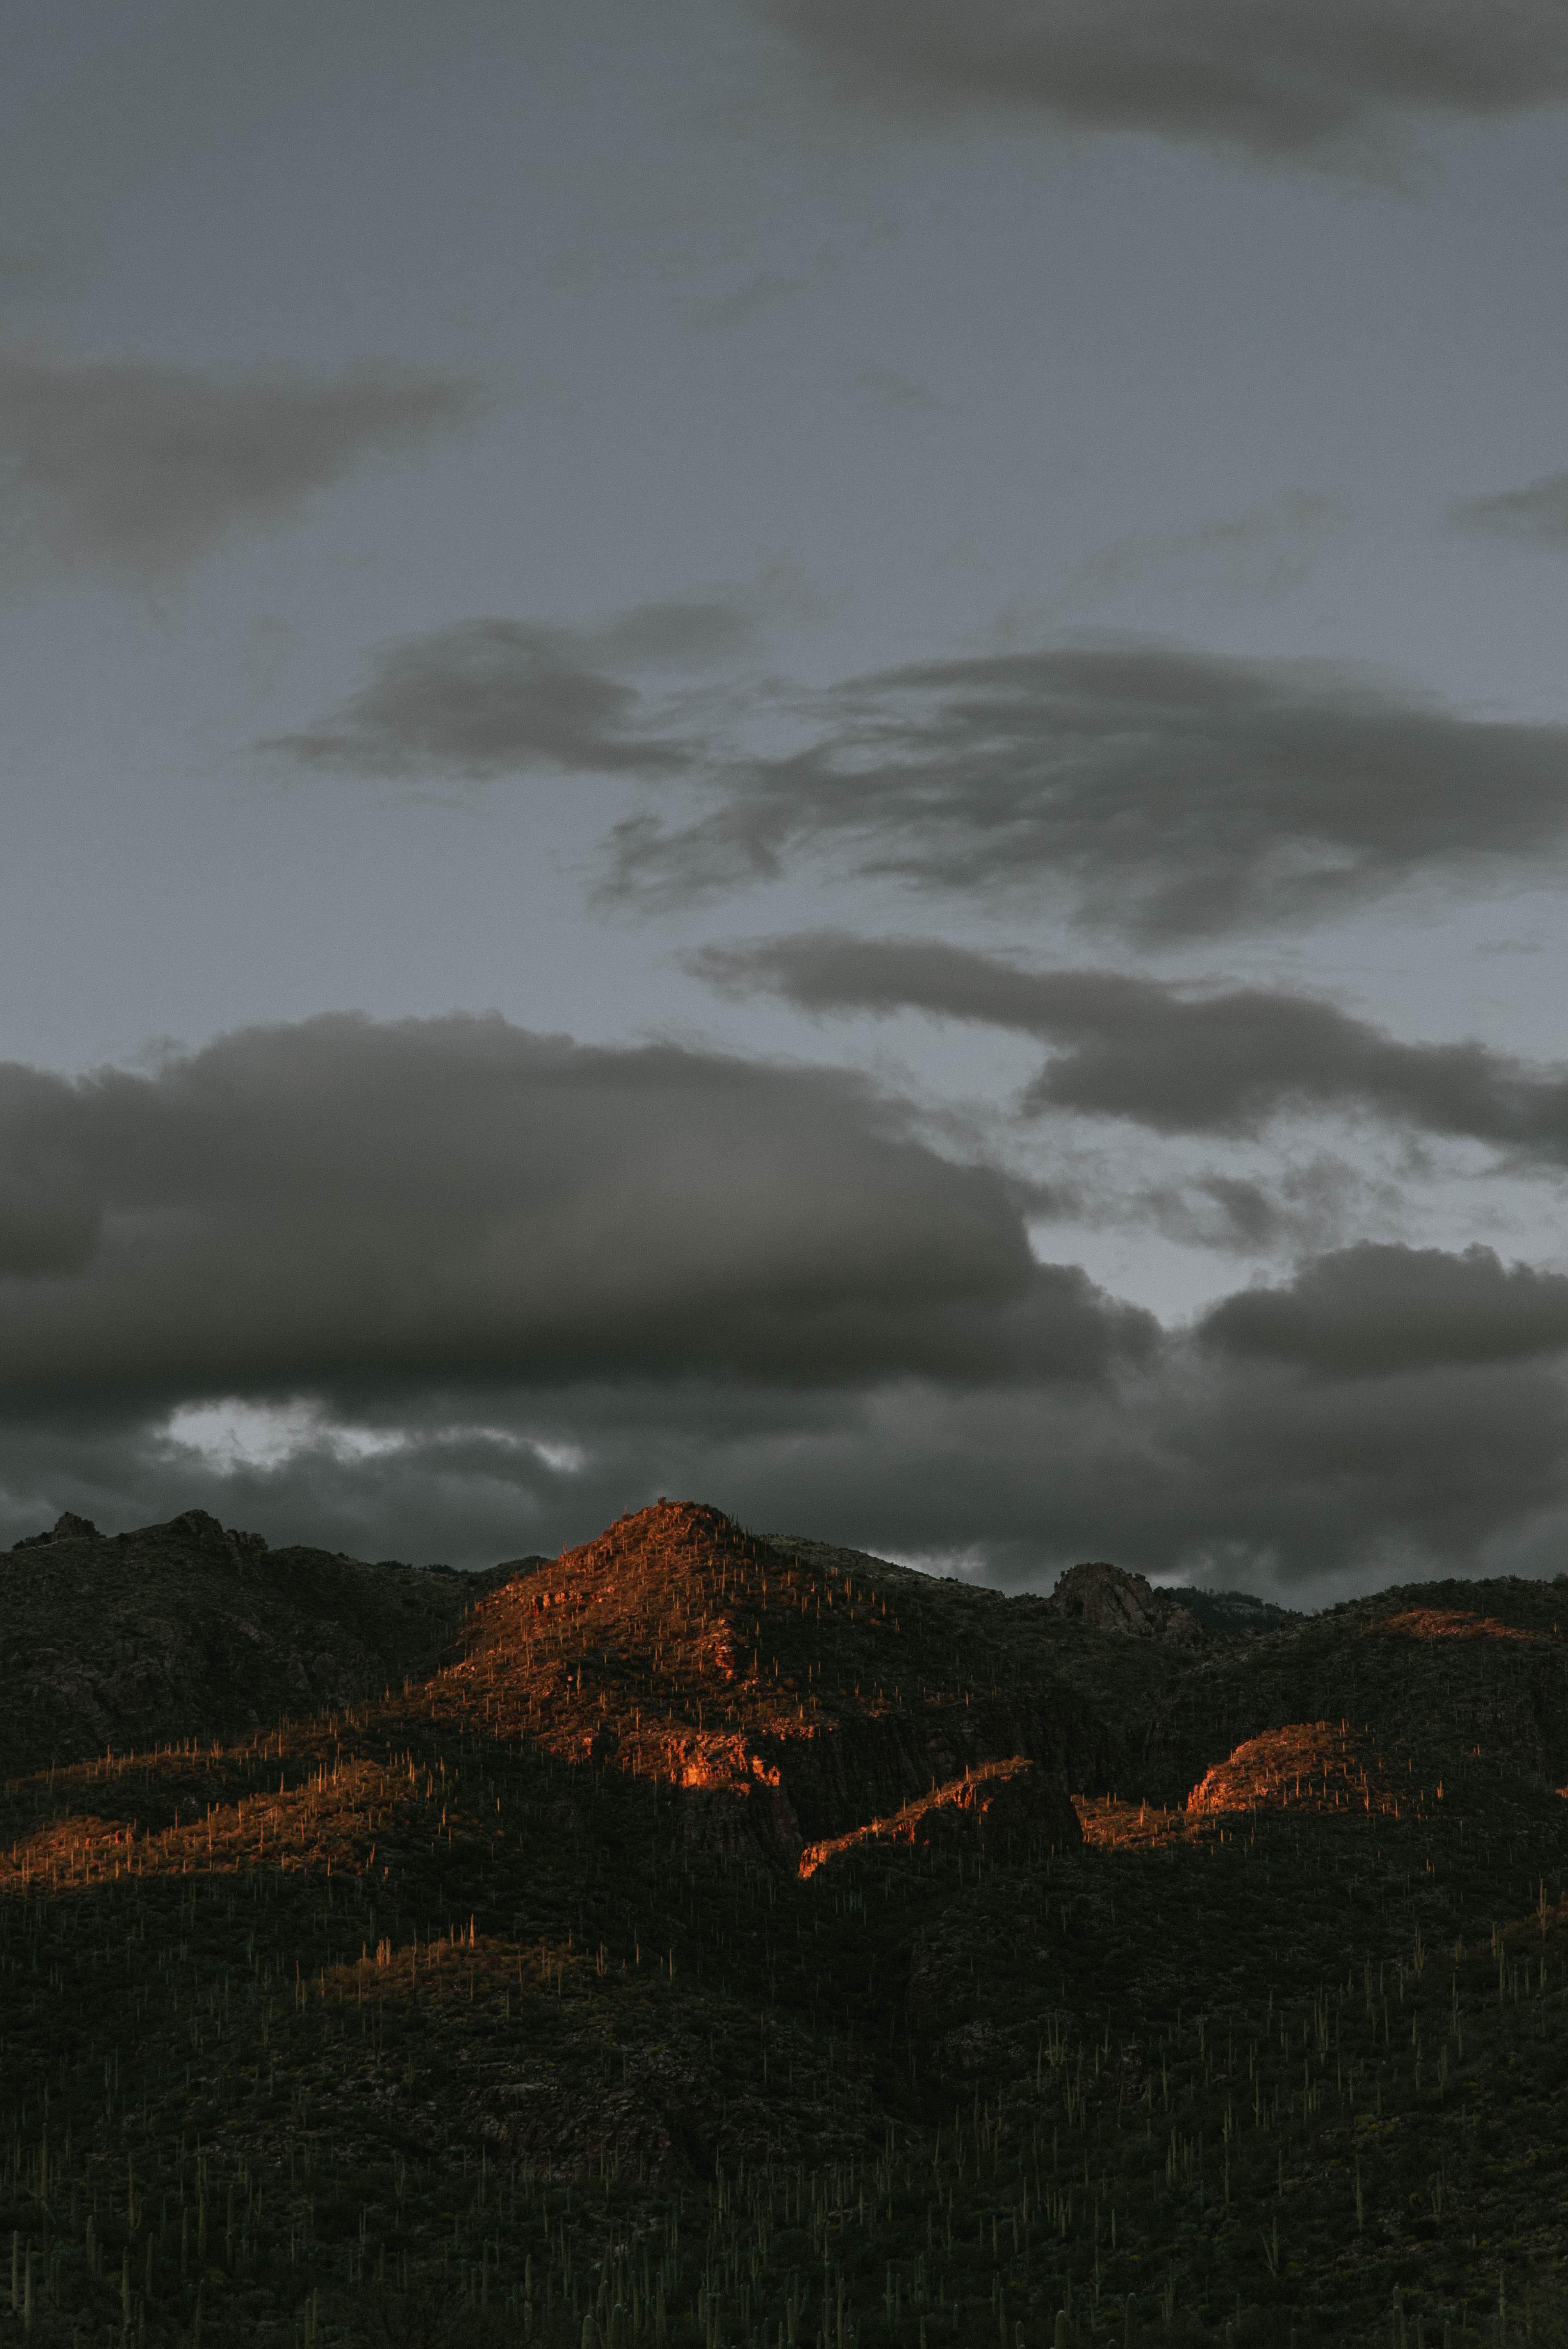 73331 скачать обои Природа, Вершины, Пасмурно, Горы, Кактусы - заставки и картинки бесплатно